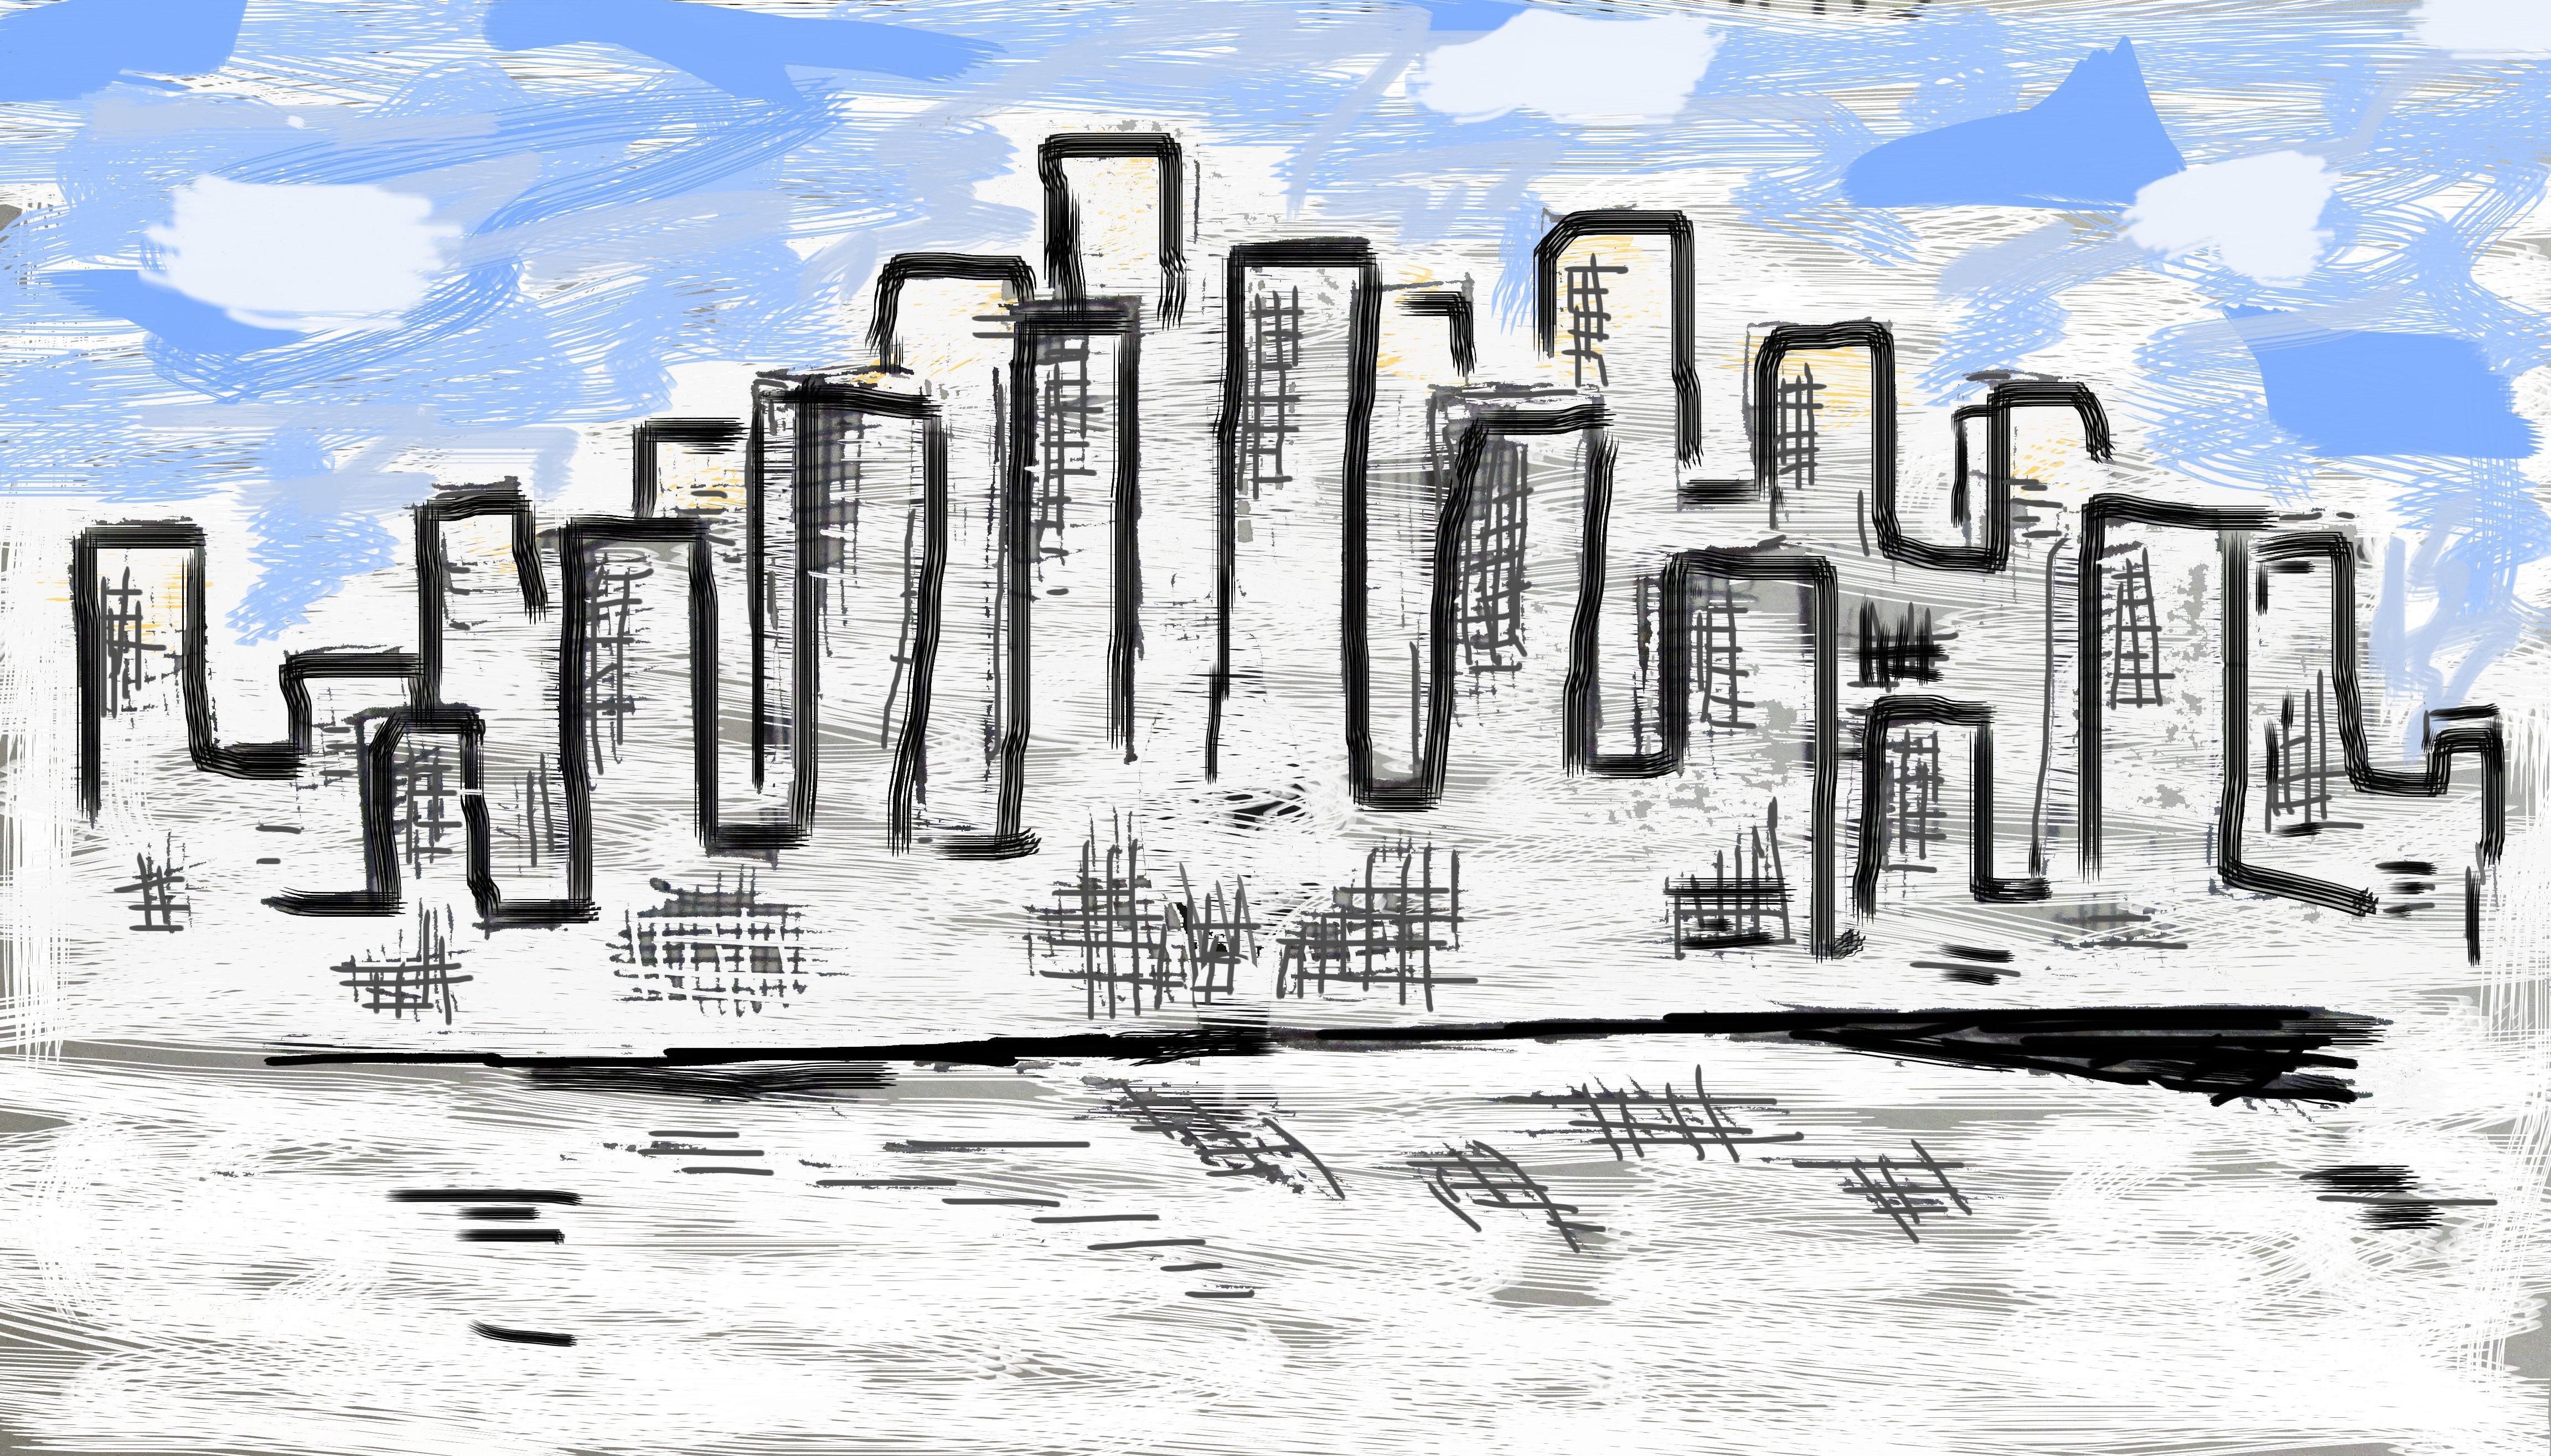 Sketch of a city skyline